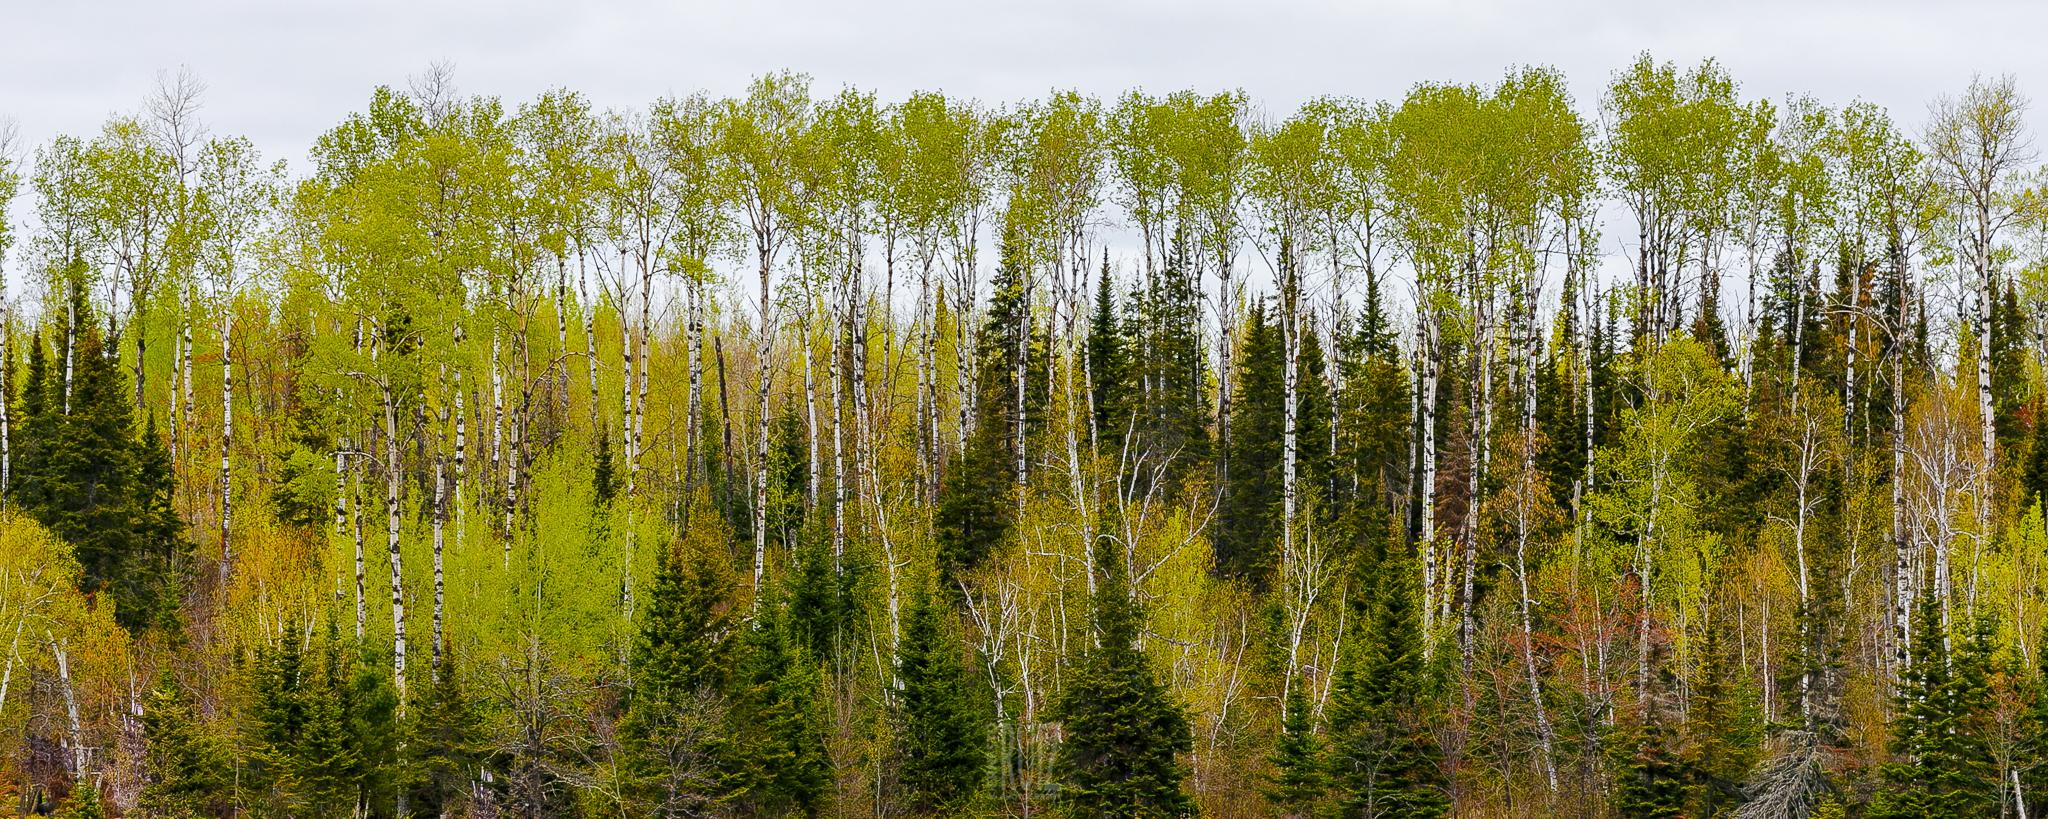 BWCAW Spring Foliage / Ernesto Ruiz